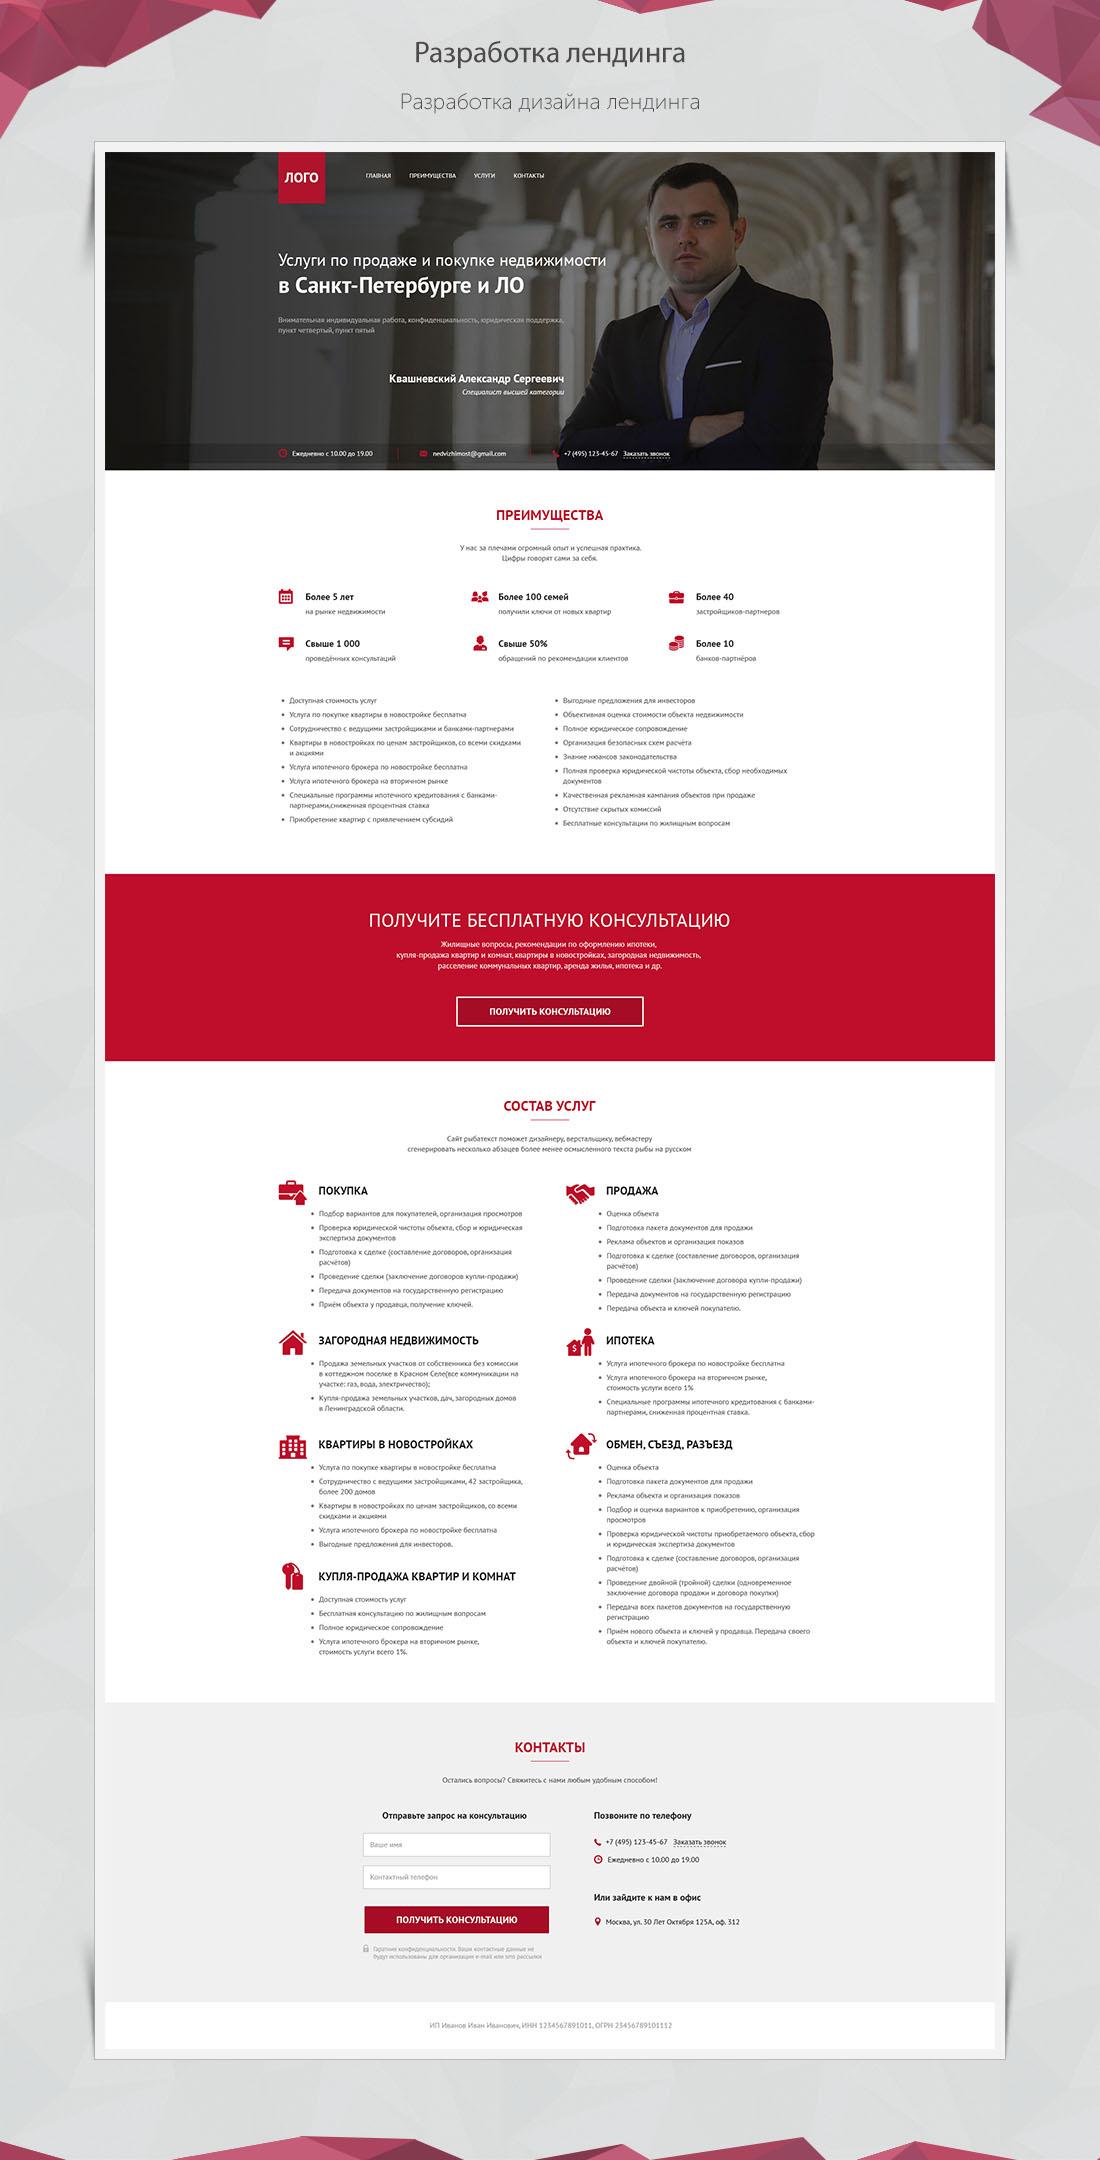 Разработка дизайна лендинга Продажа и покупка недвижимости